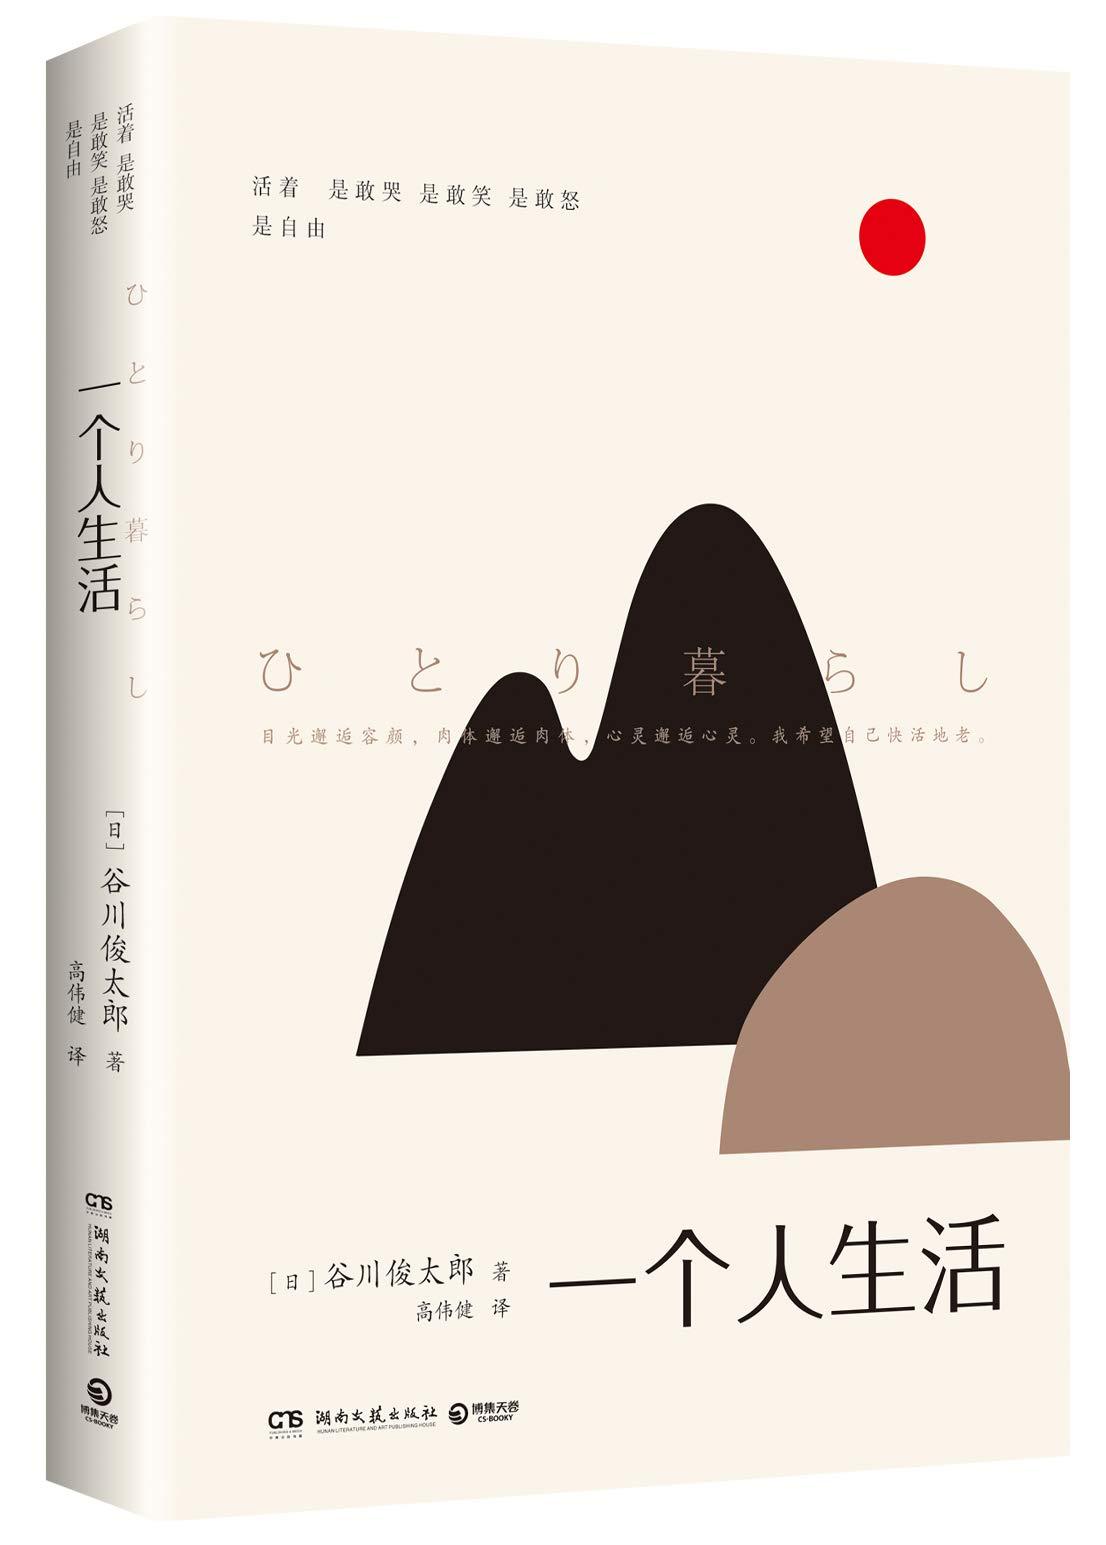 谷川俊太郎《一个人生活》